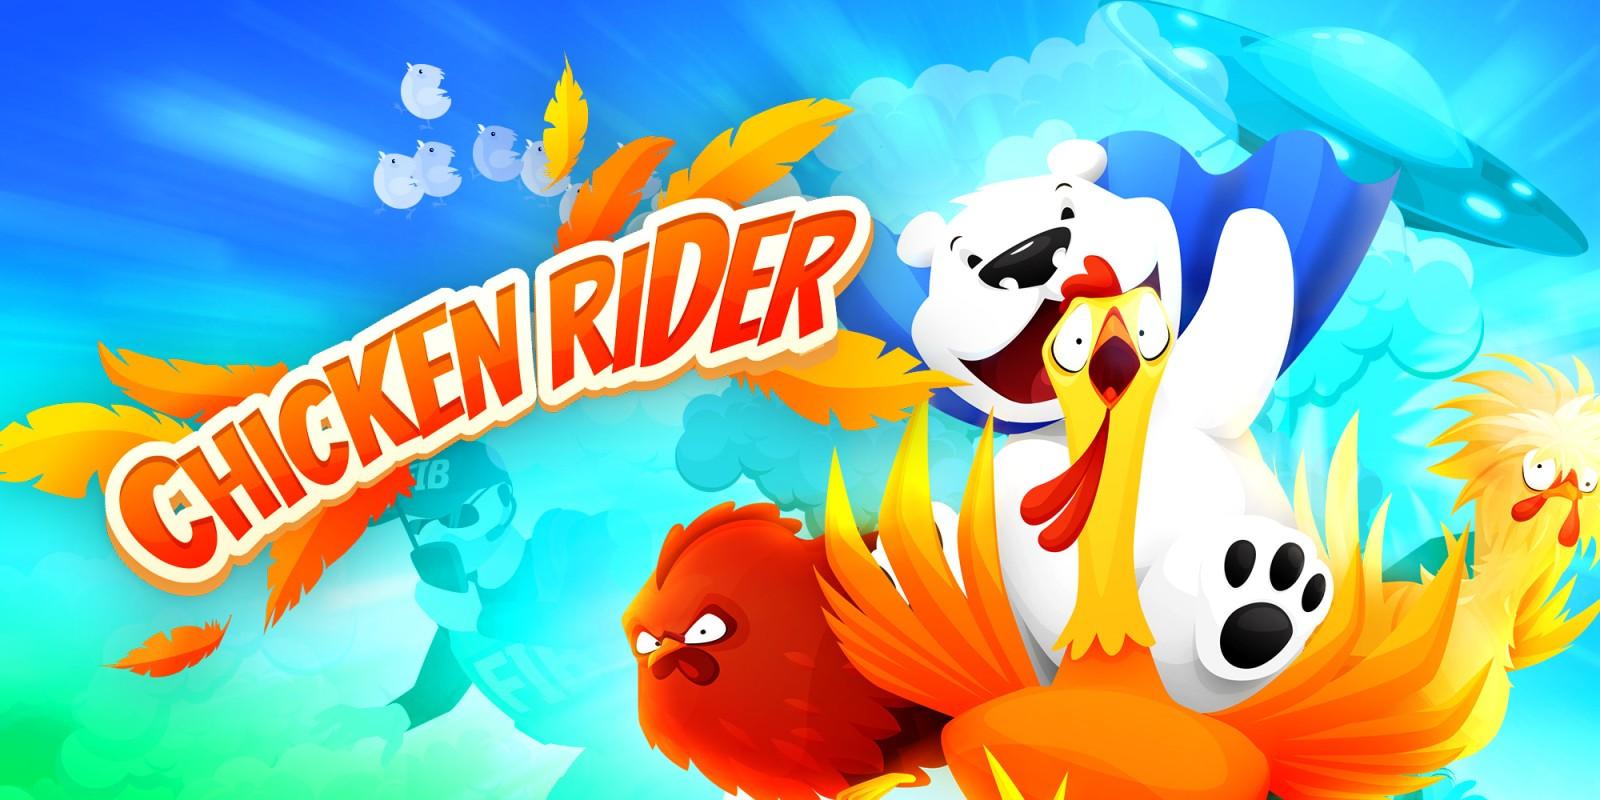 Chicken Rider